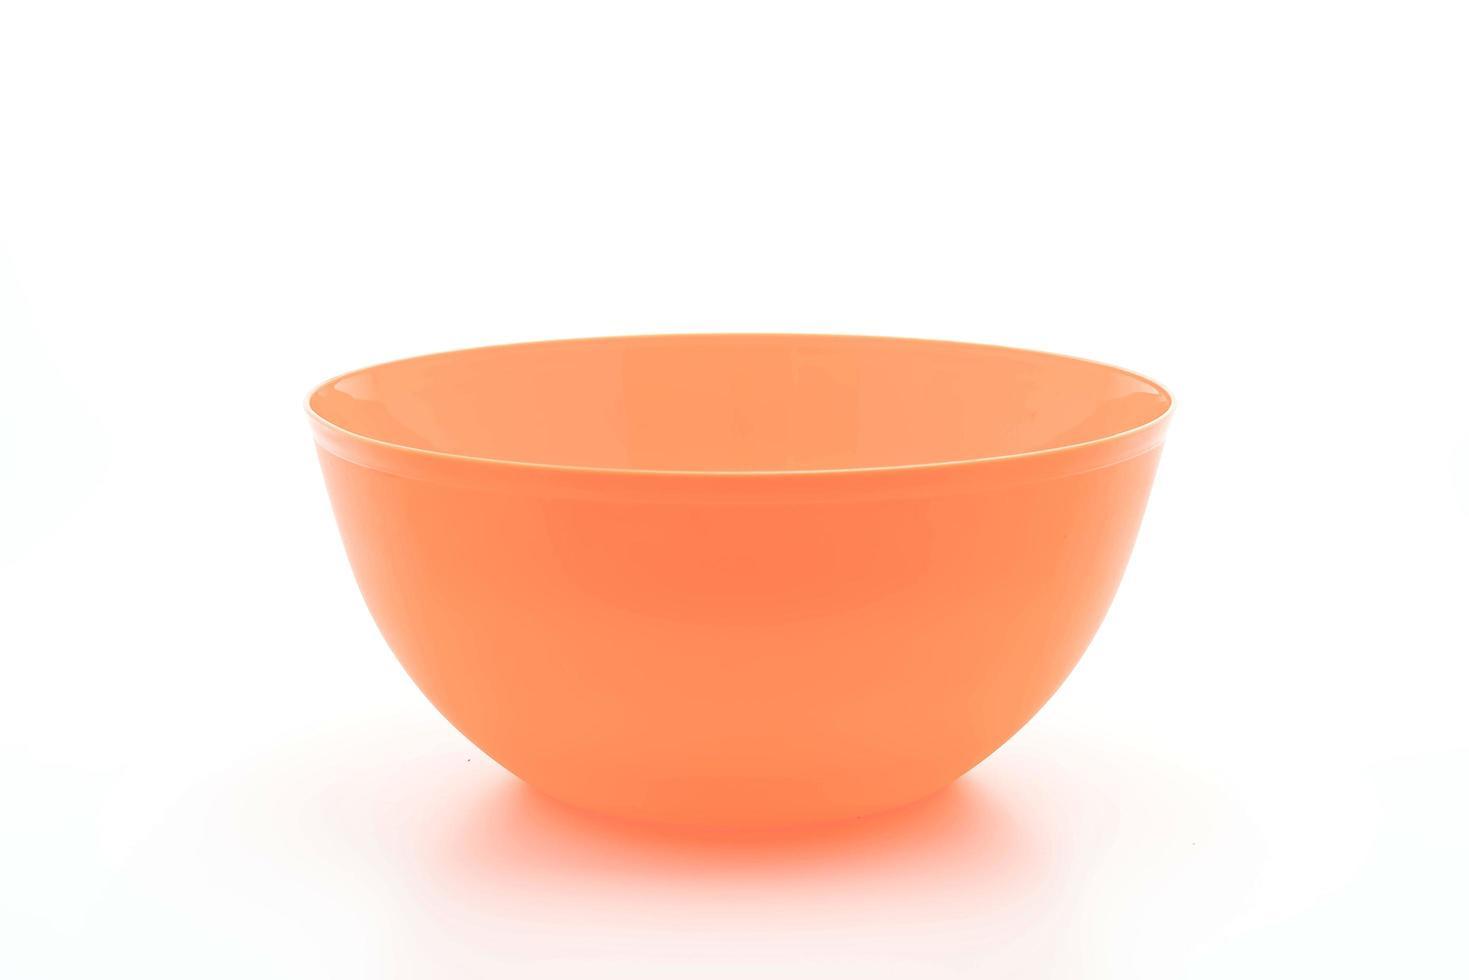 Recipiente de plástico naranja sobre fondo blanco. foto